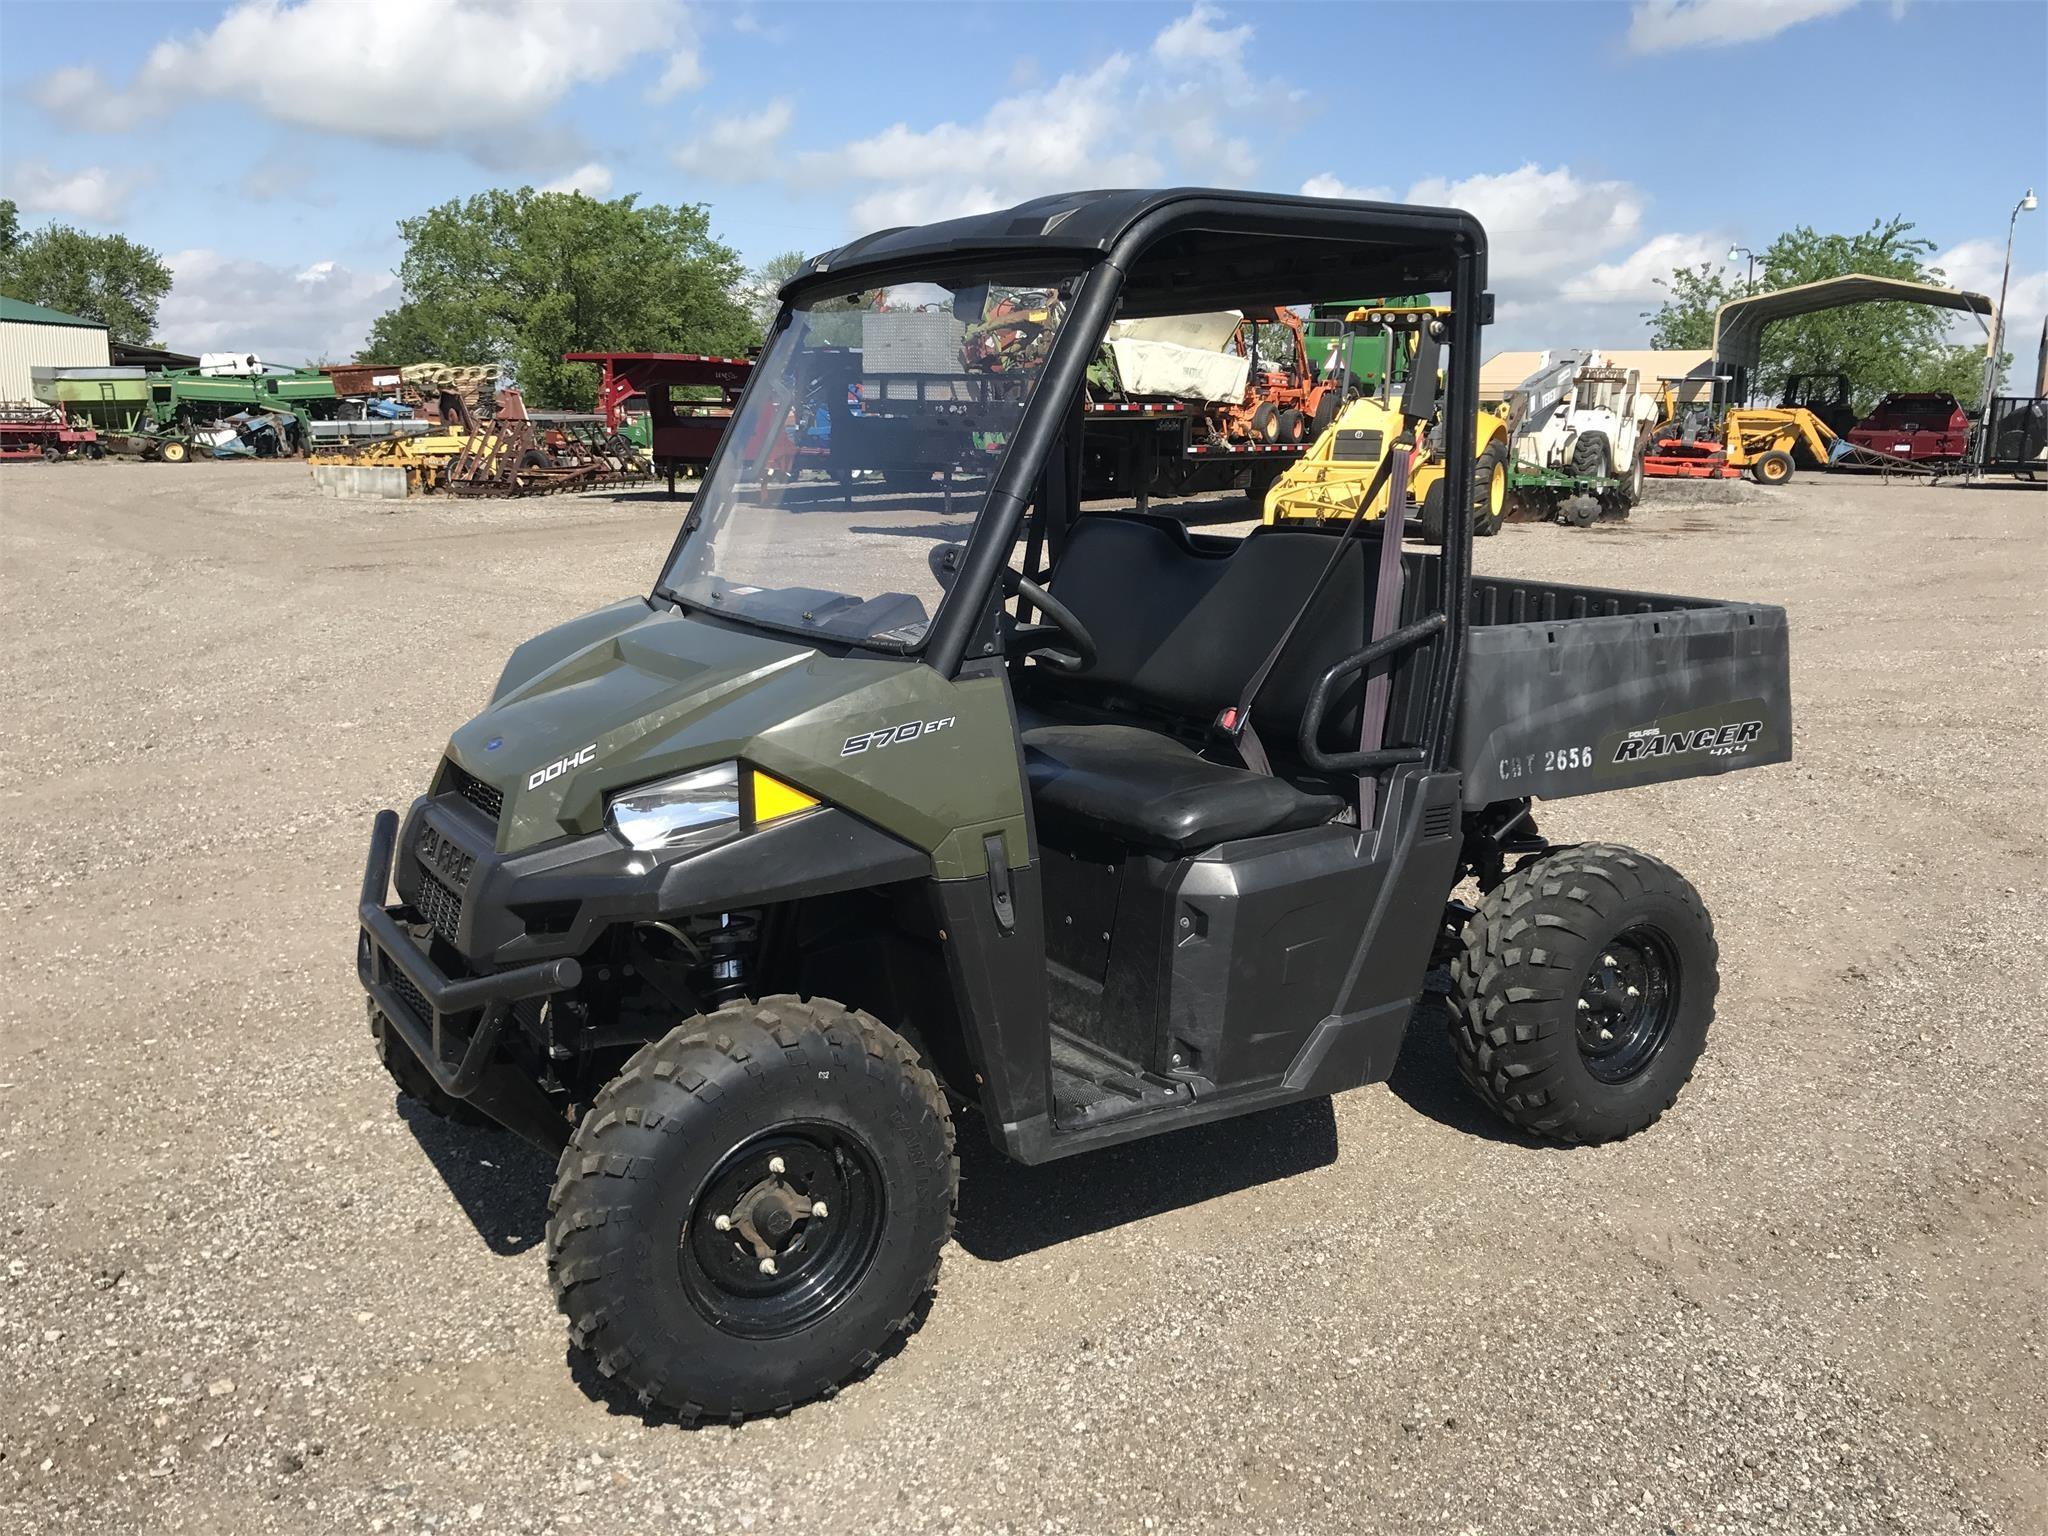 Polaris Ranger 570 >> 2015 Polaris Ranger 570 Efi For Sale In Farmersville Texas